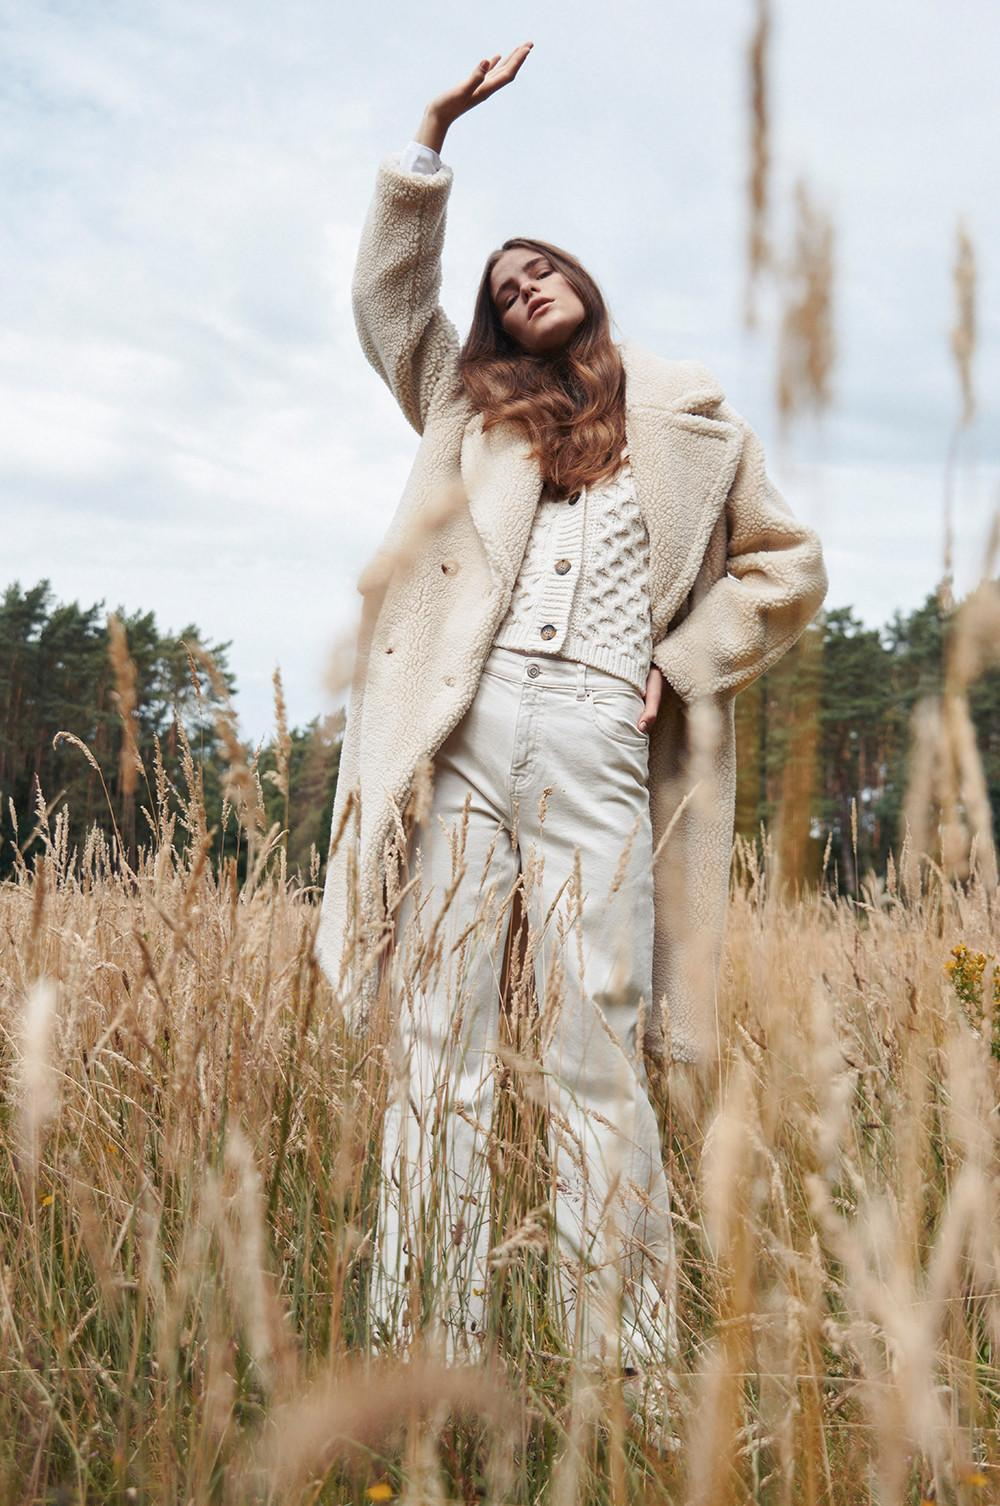 Model in field wearing cream